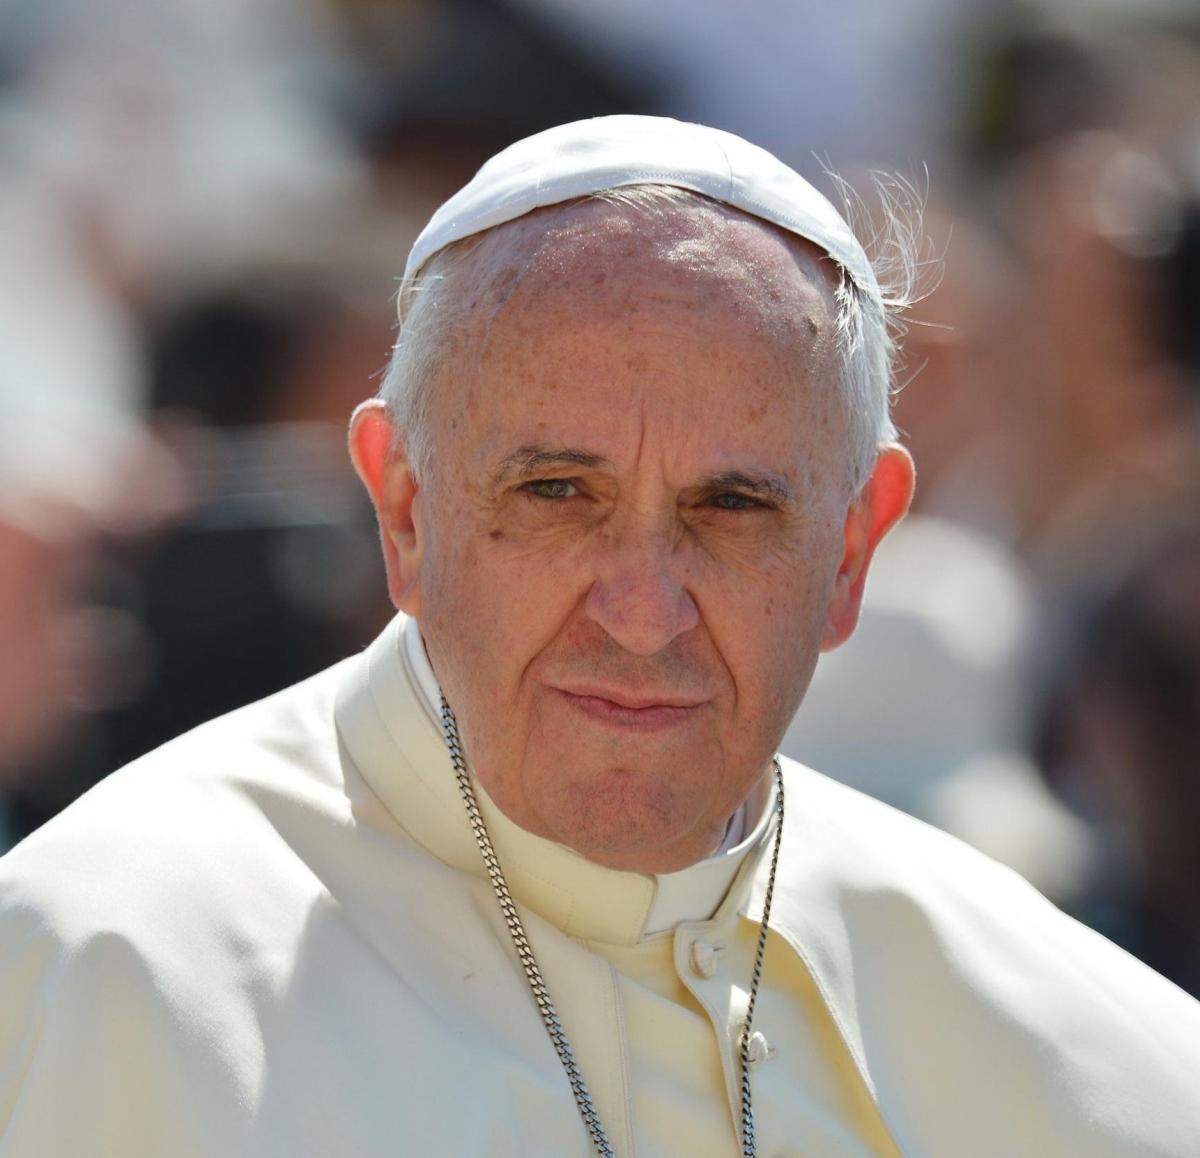 Визит Папы Франциска в Литву запланирован на 22-23 сентября / sib-catholic.ru